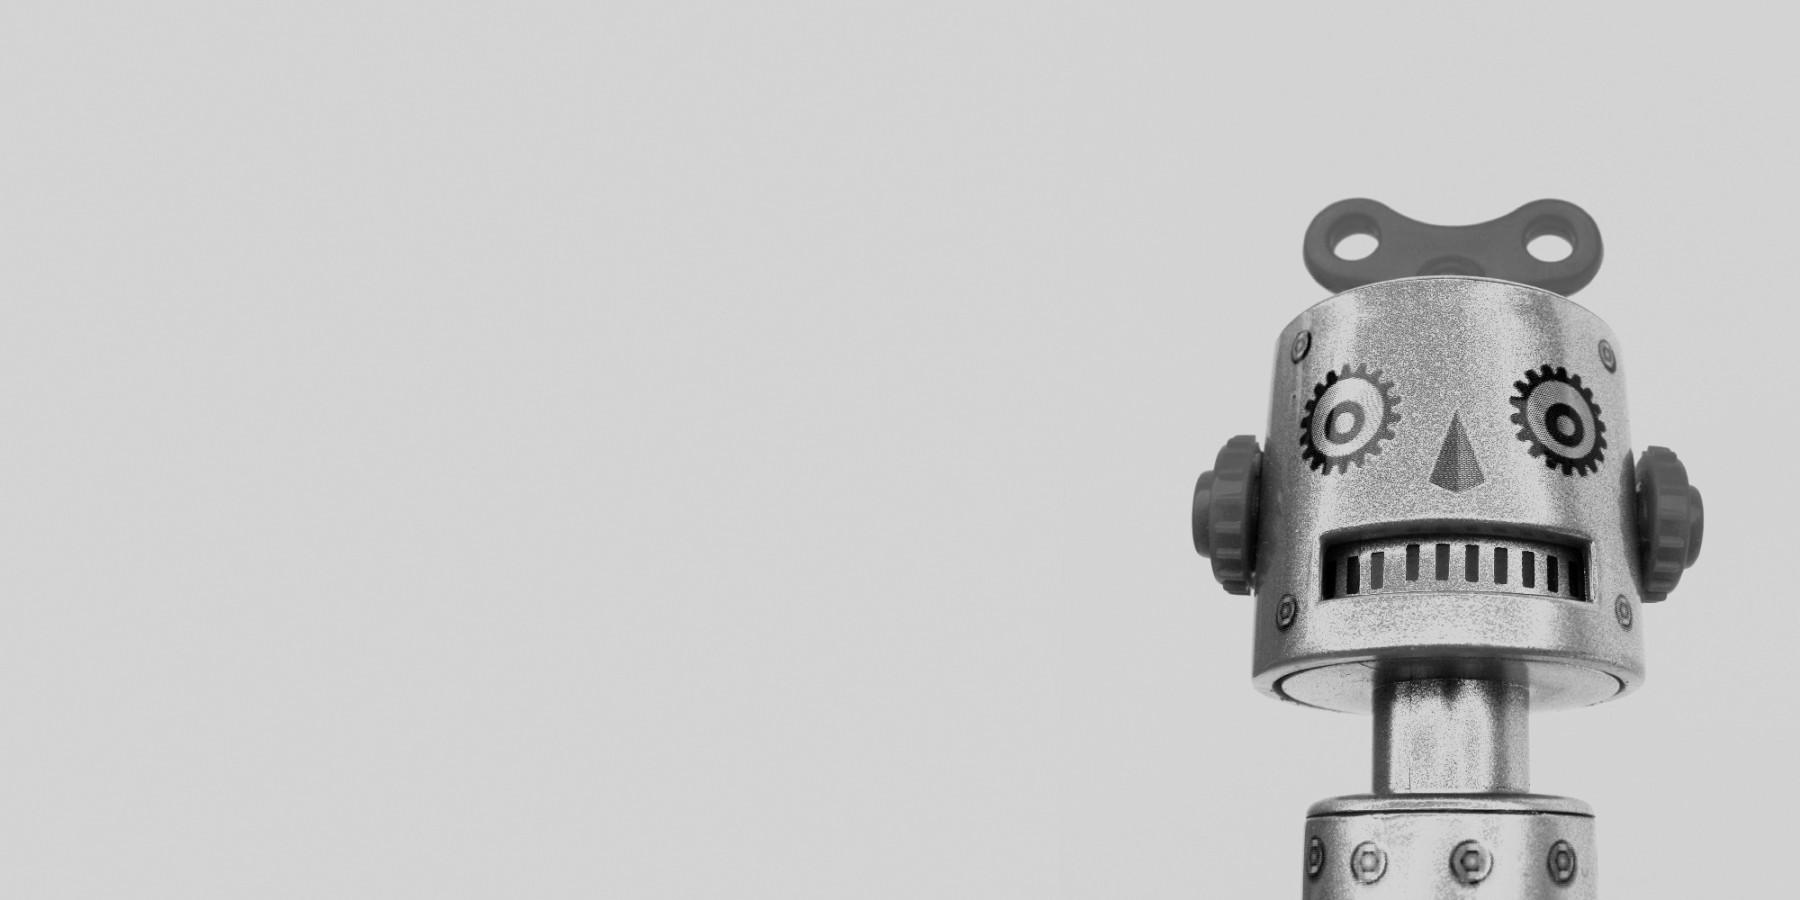 Nasazování robotů do výroby začalo a bude masivně pokračovat v dalších letech. Výsledkem bude podle prognóz celosvětově 20 milionů nezaměstnaných.